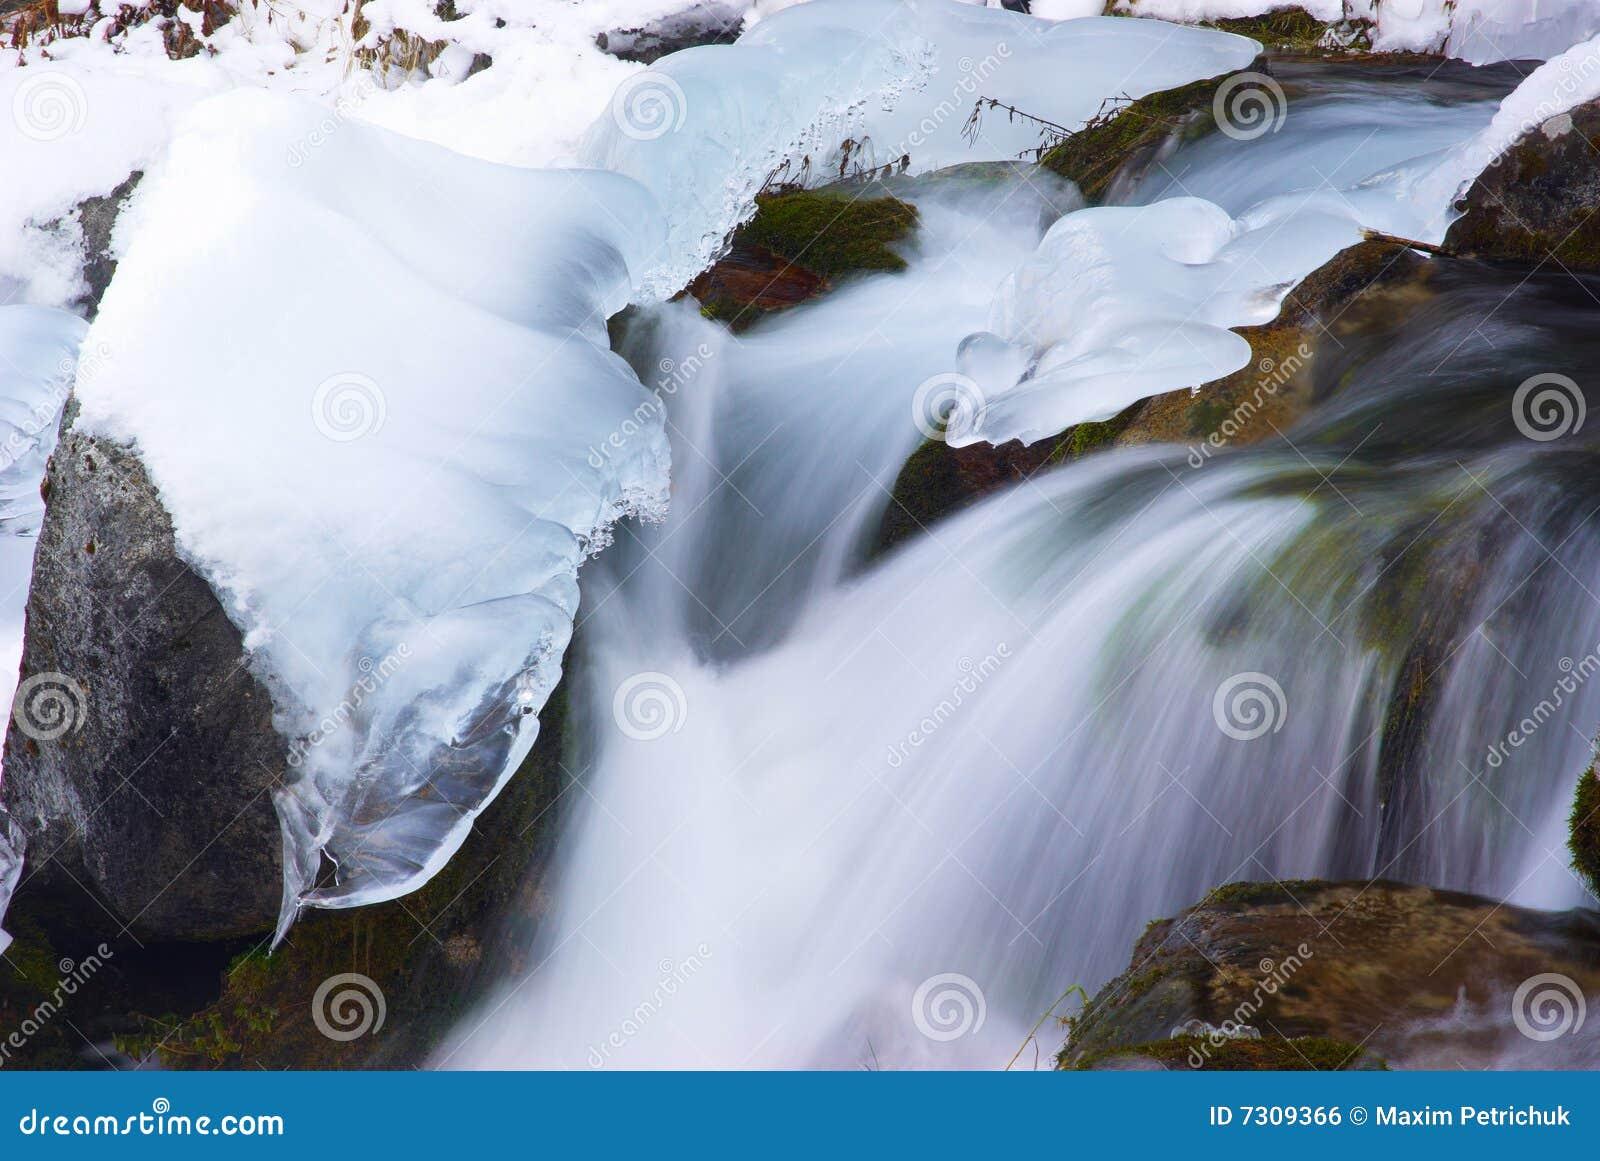 Acqua e ghiaccio